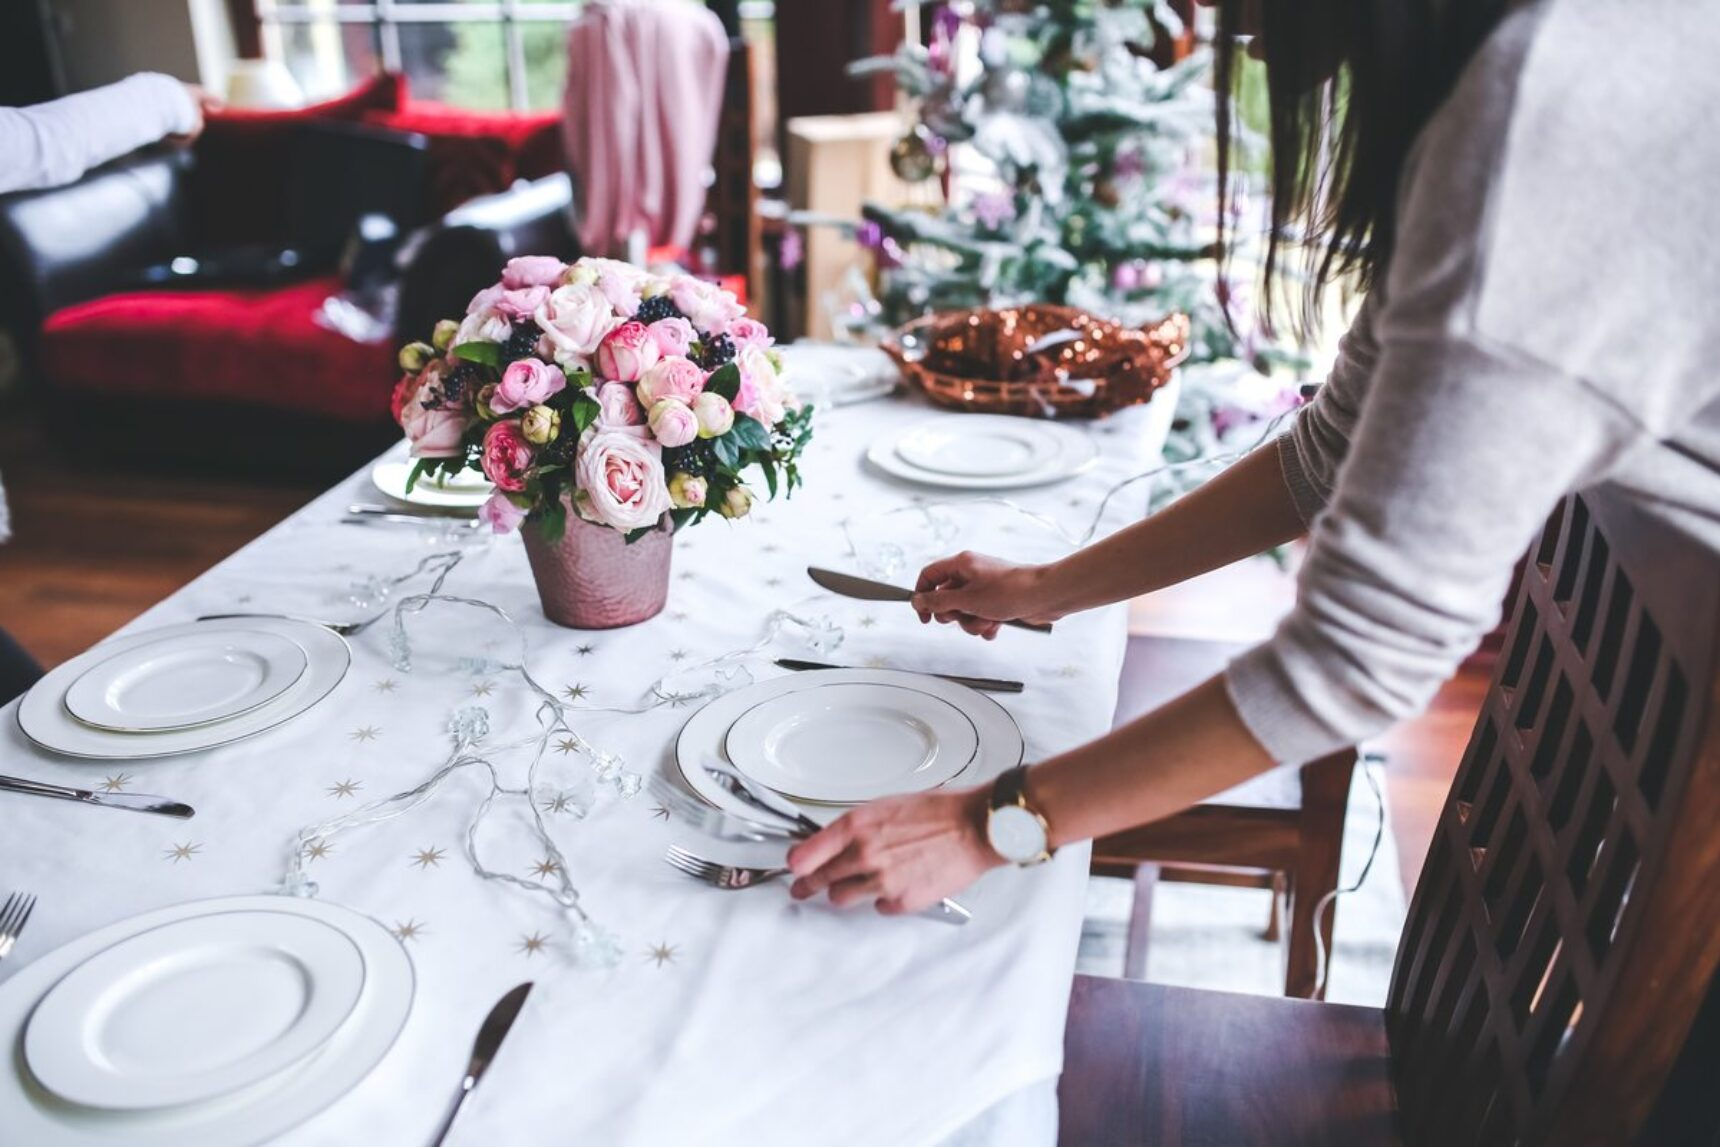 Jak przygotować spotkanie rodziców po zaręczynach?